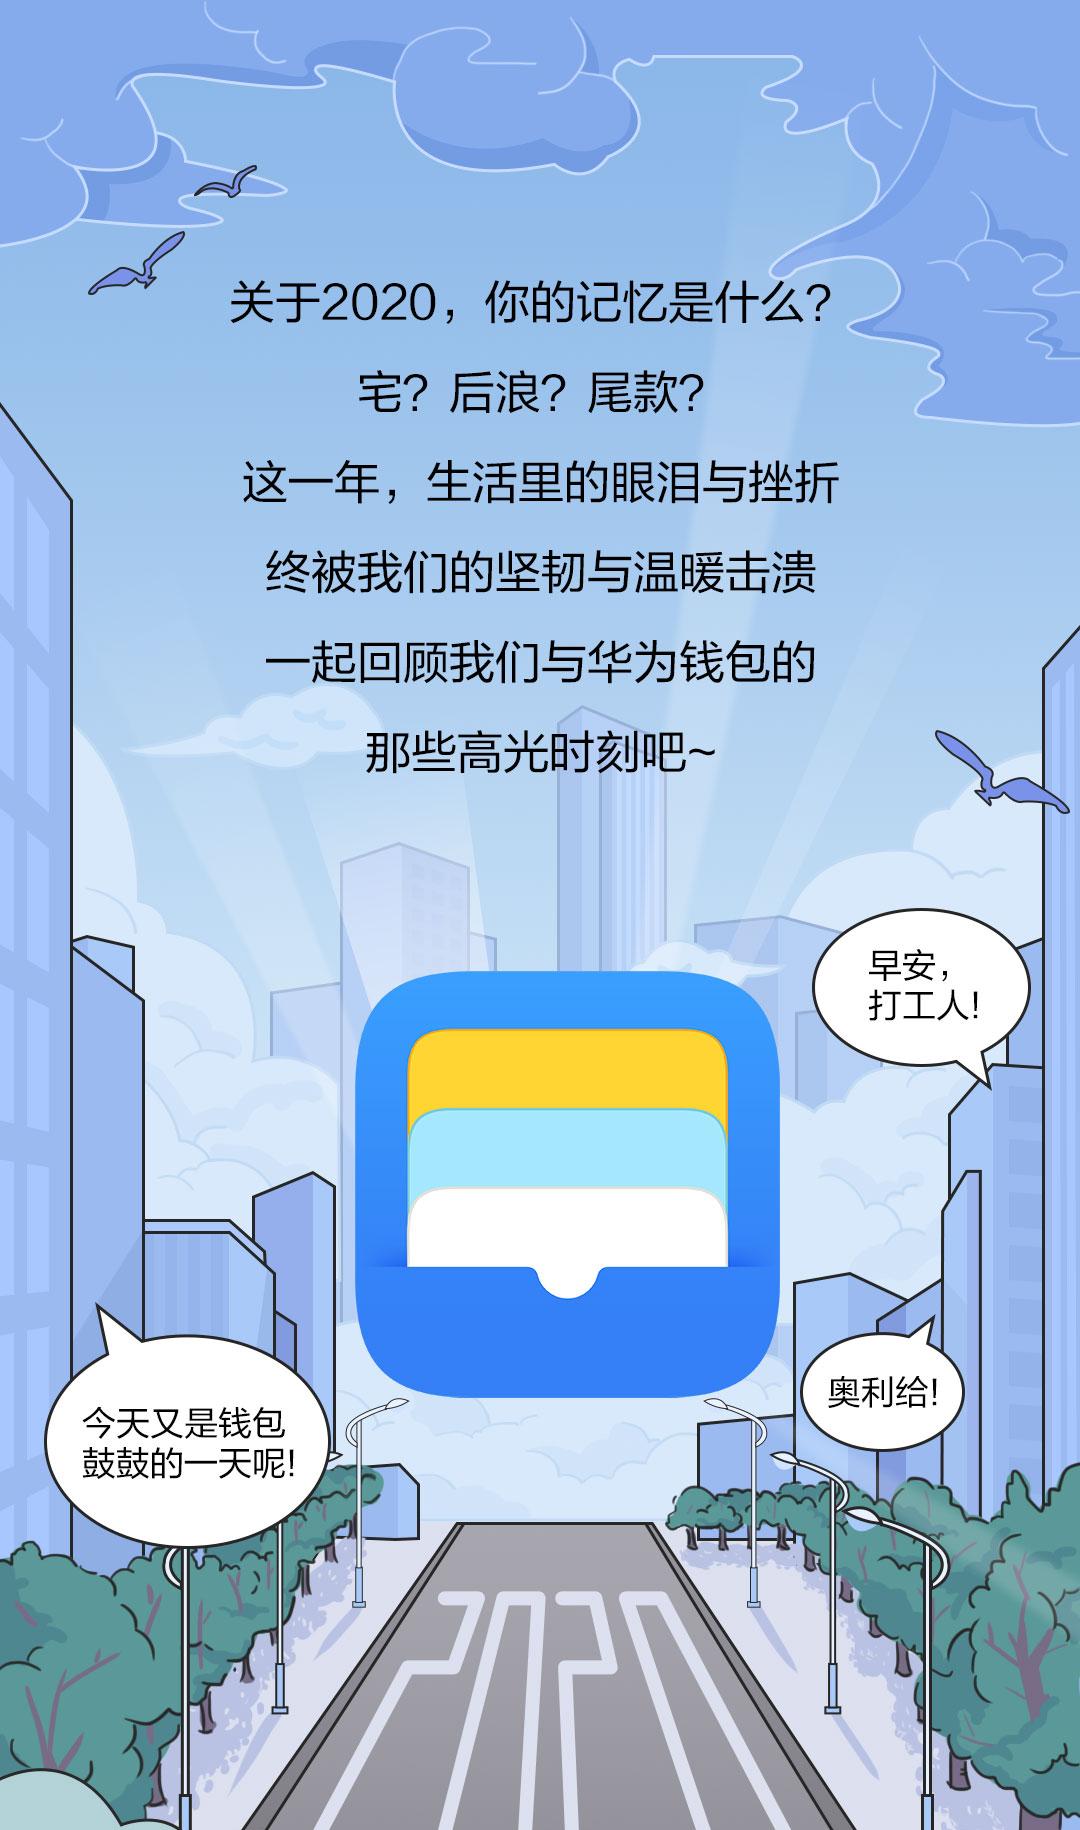 华为钱包年终盘点-上色-修_01.png